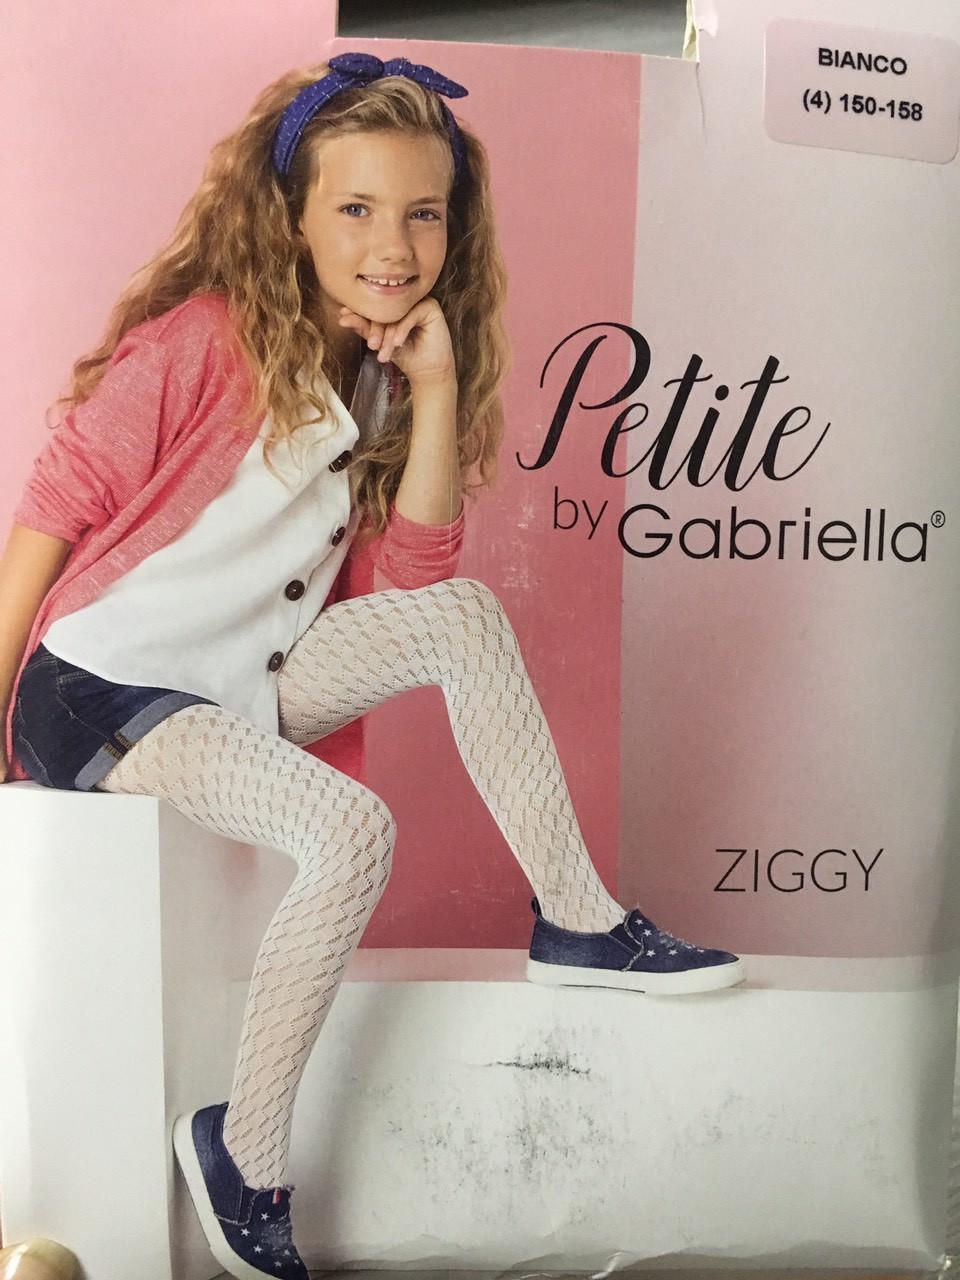 Petite Ziggy